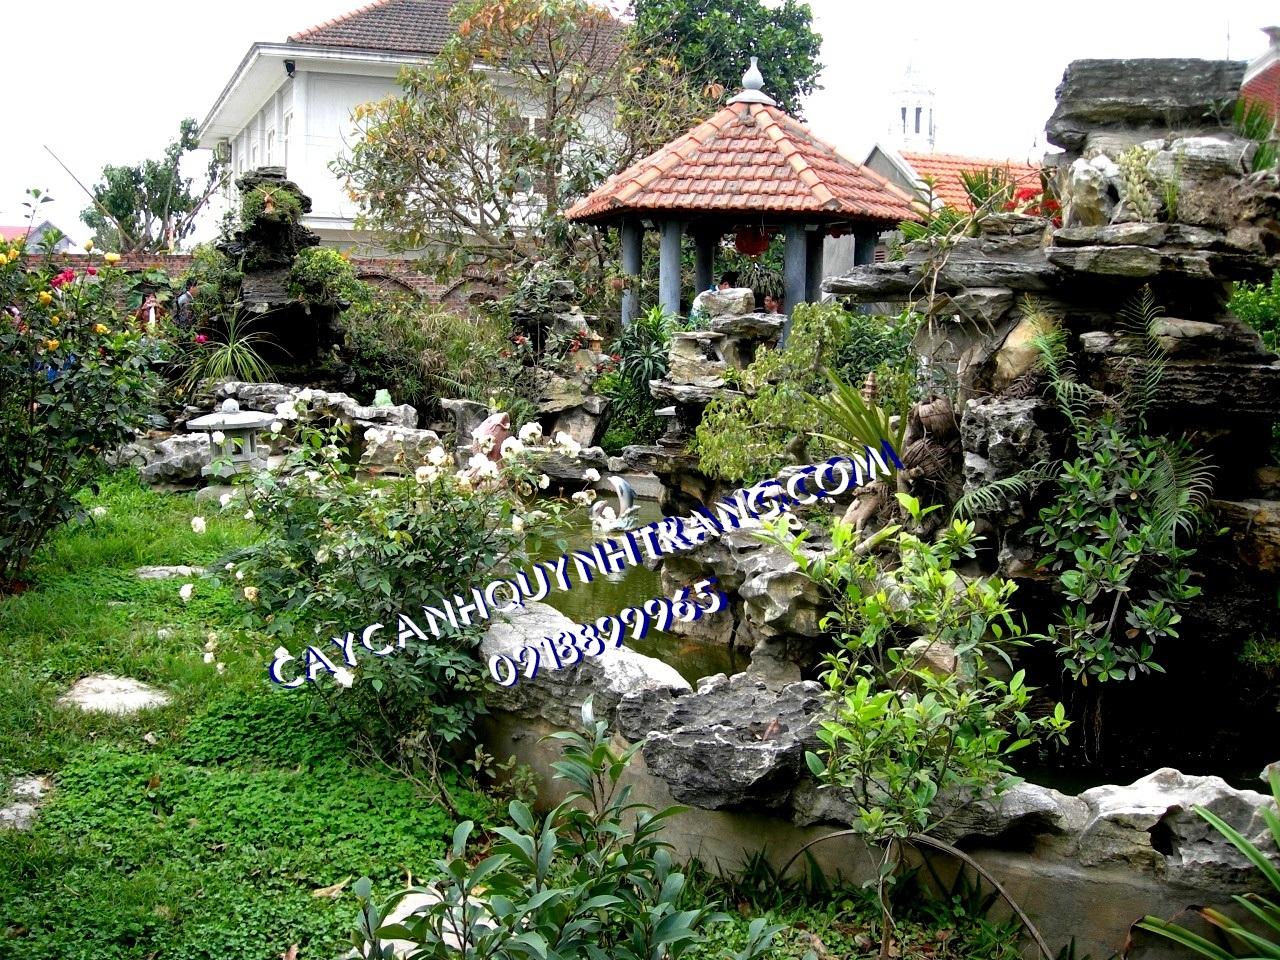 Dịch vụ chăm sóc cây xanh, sân vườn